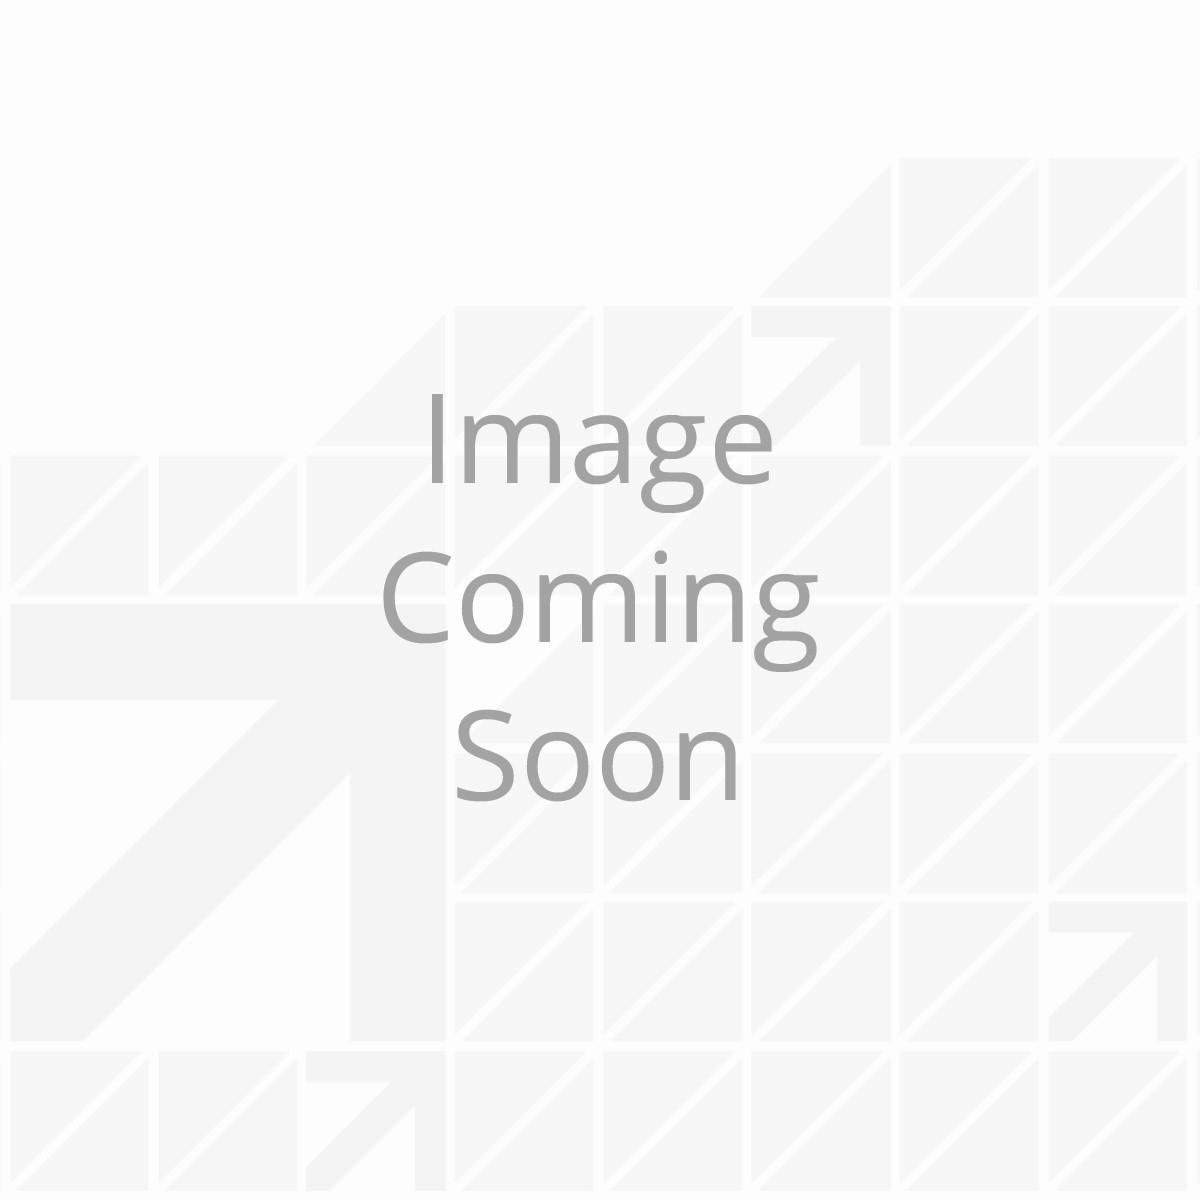 671292 - Mounting Bracket